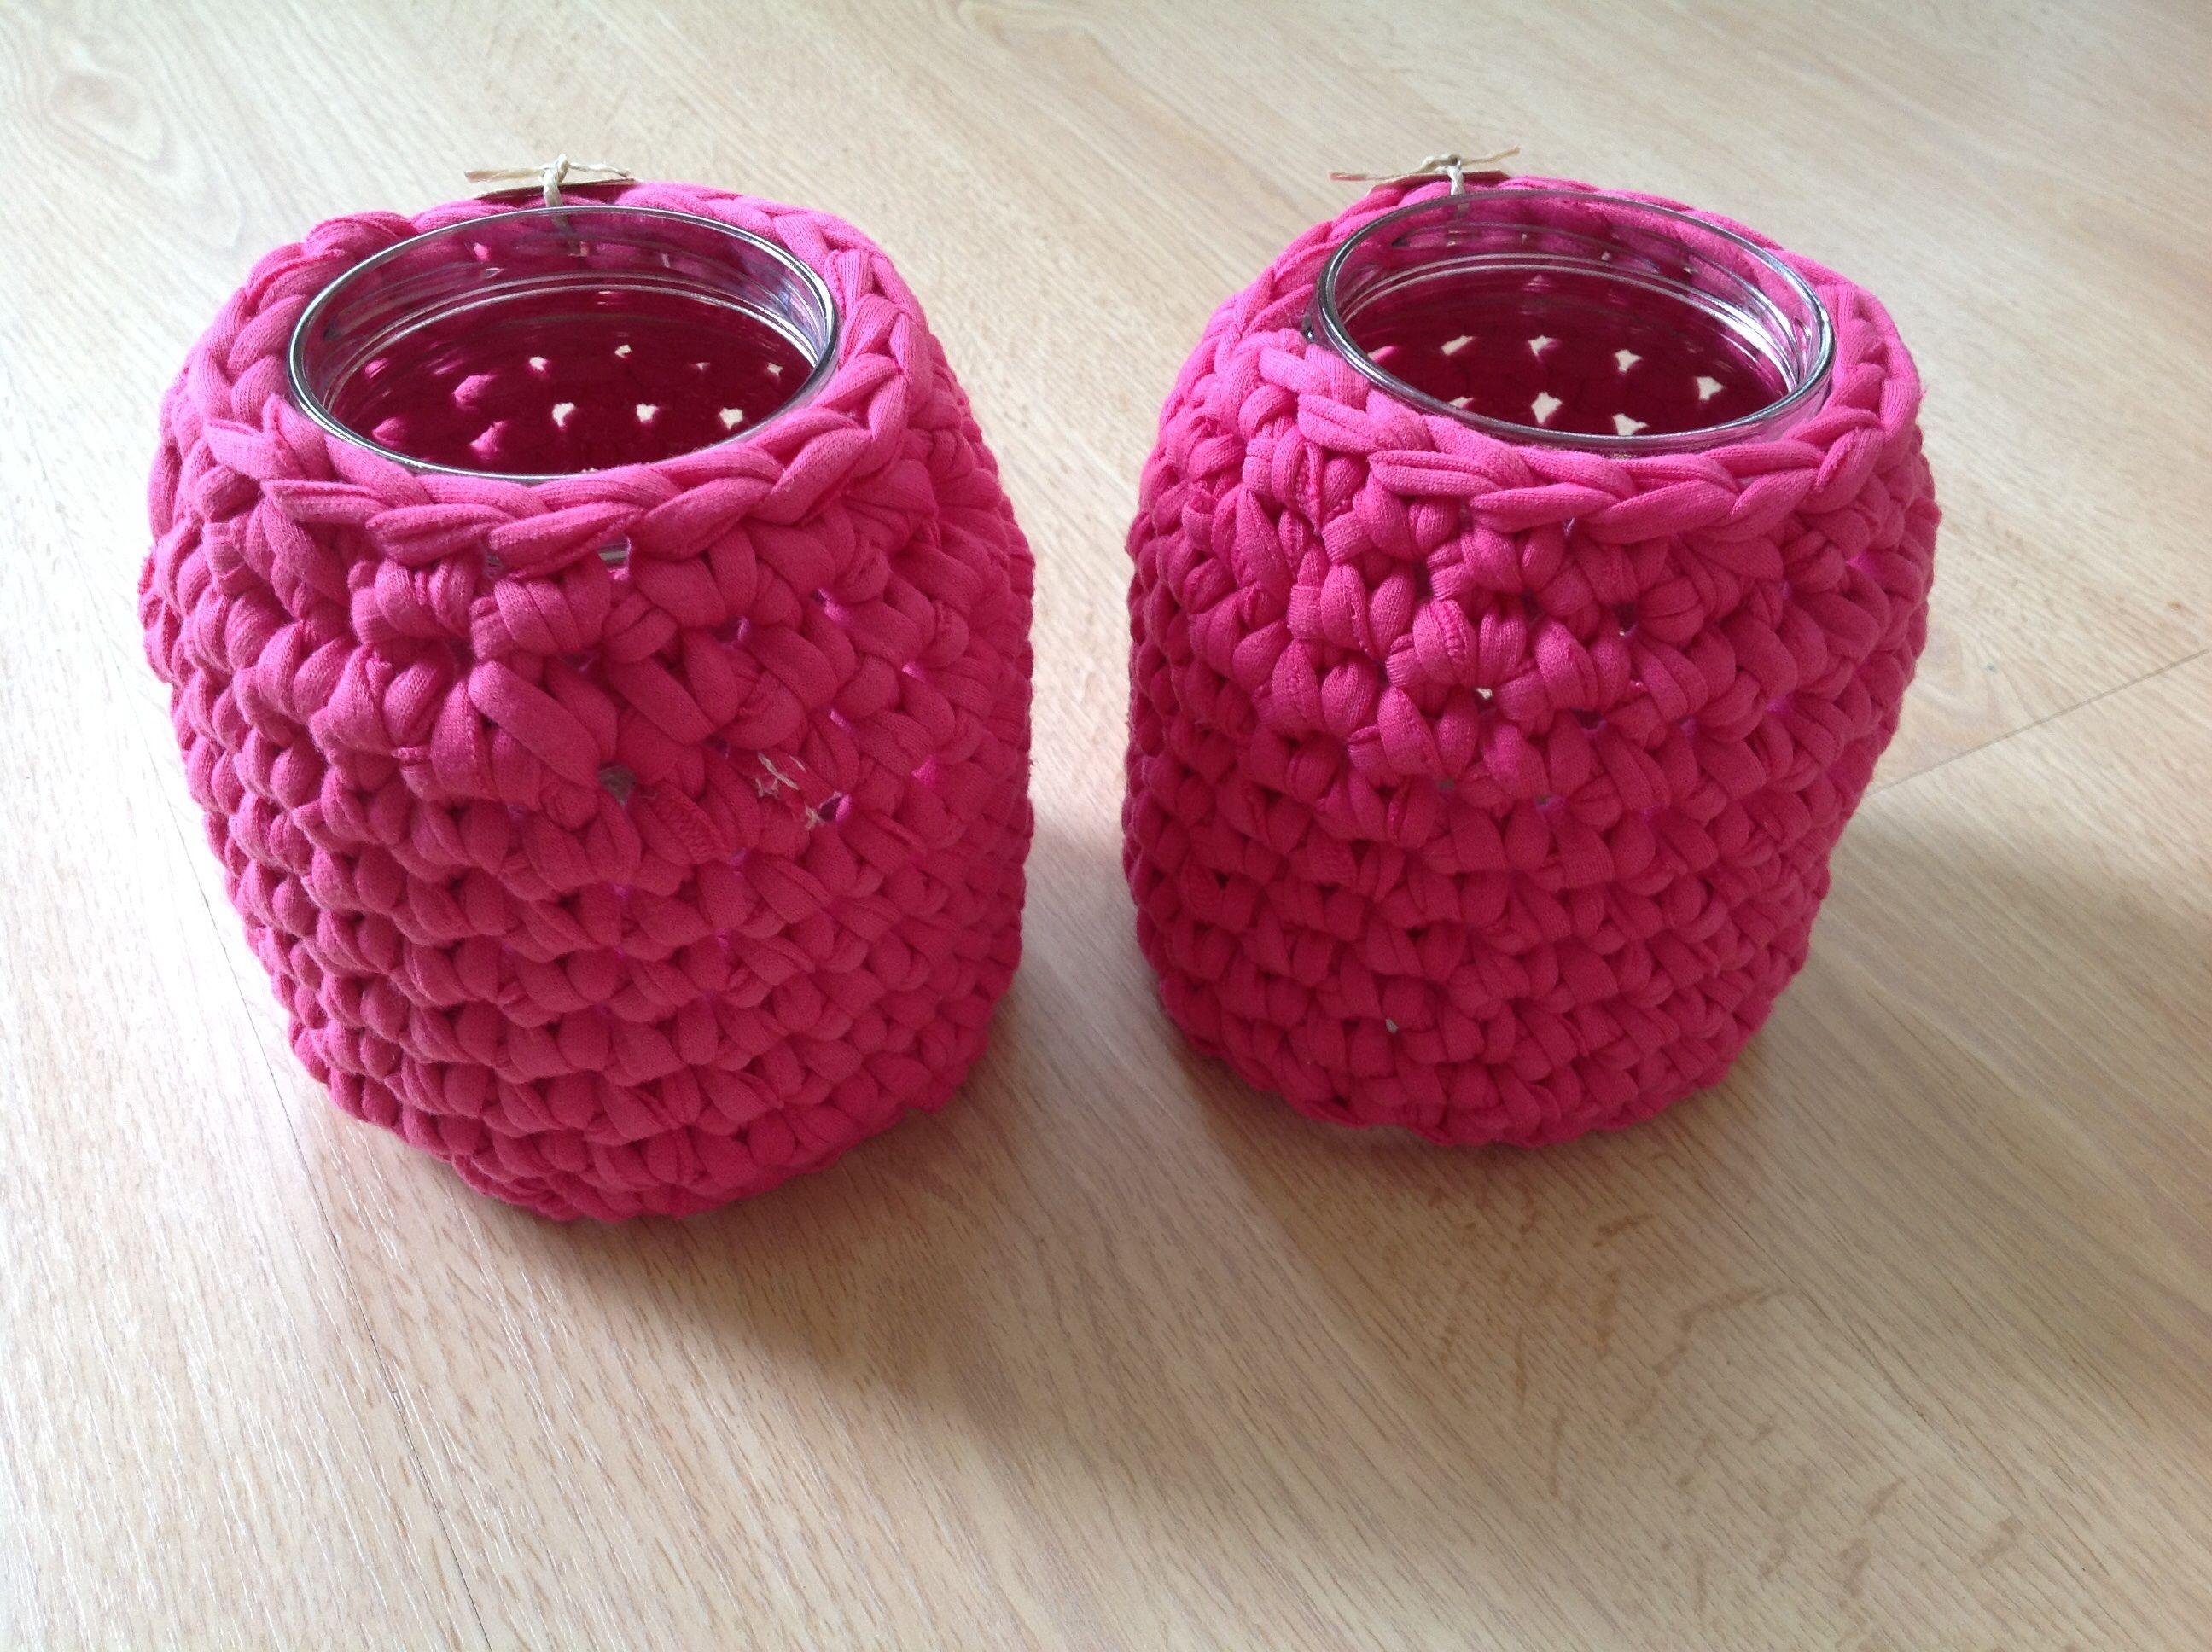 Fuchsia roze omhaakte potten, gezellig op de warme zomeravond of in de winter binnen met een kaarsje erin